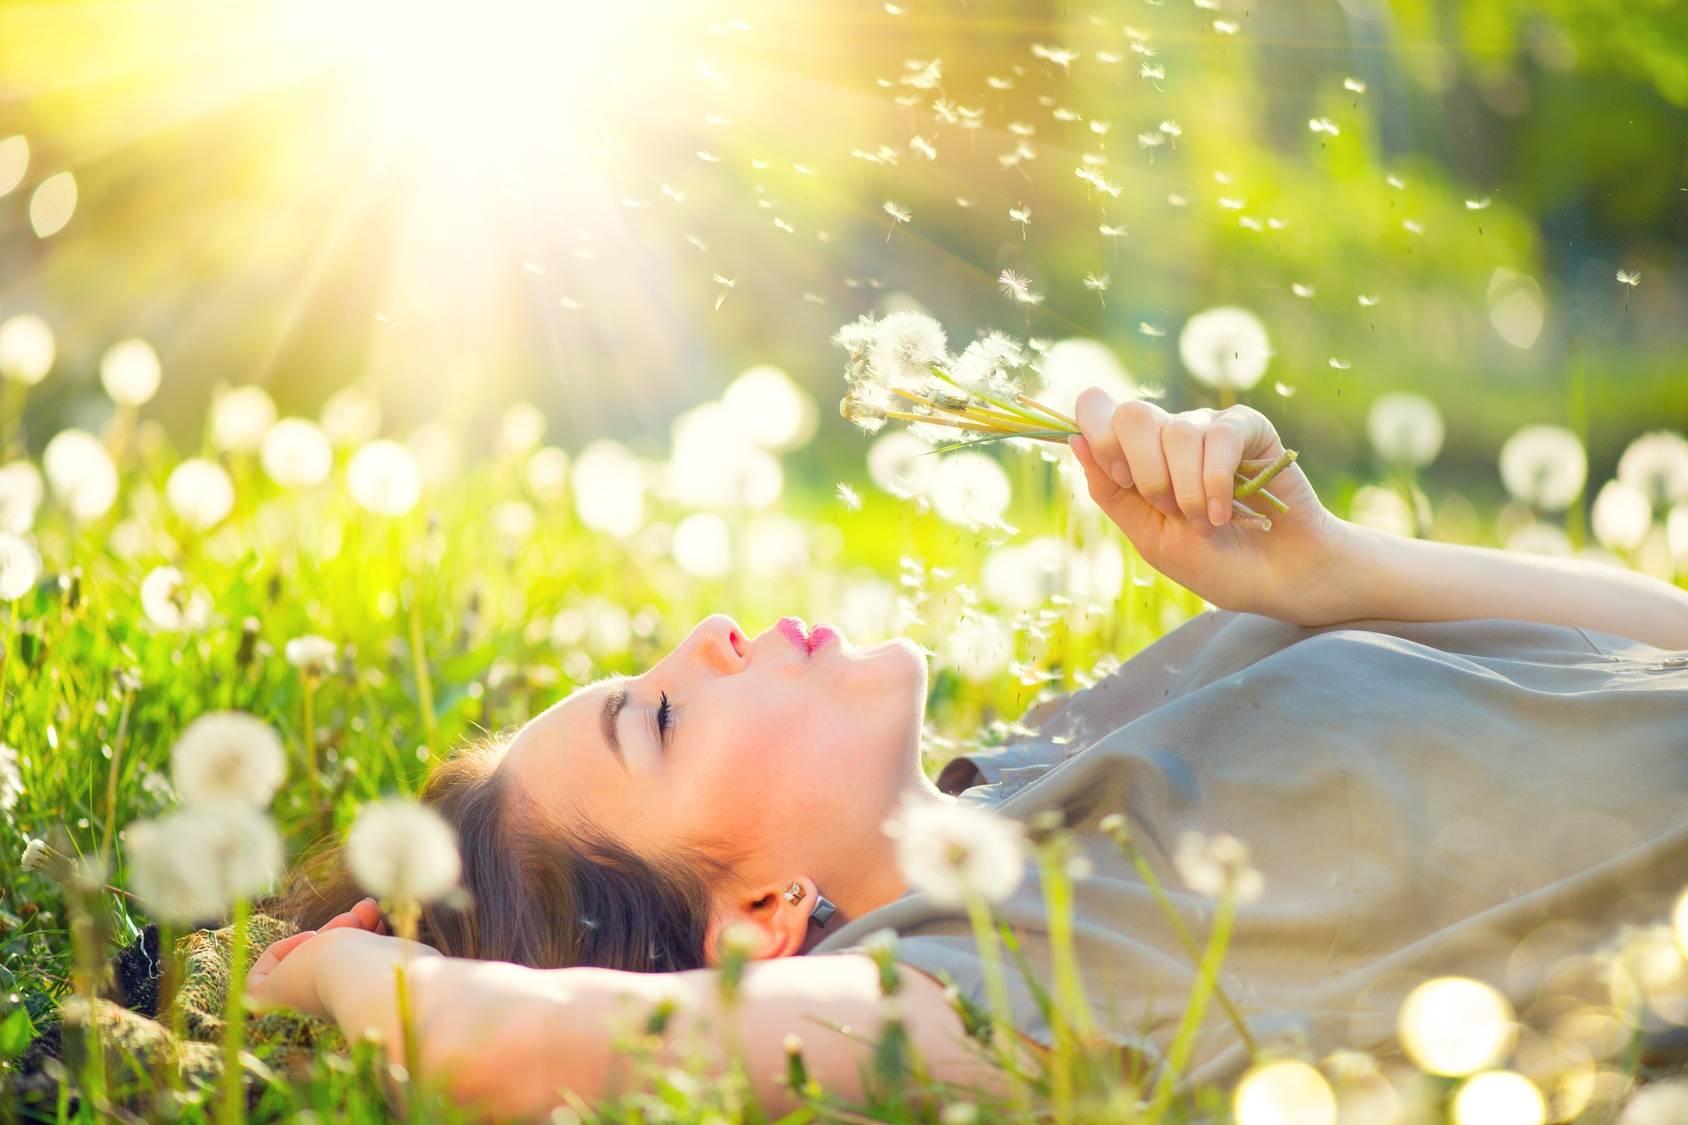 Alergia w medycynie chińskiej. Młoda atrakcyjna kobieta leży na plecach na łące wśród dmuchawów i zdmuchuje pyłki z dmuchawca, którego trzyma w ręku.